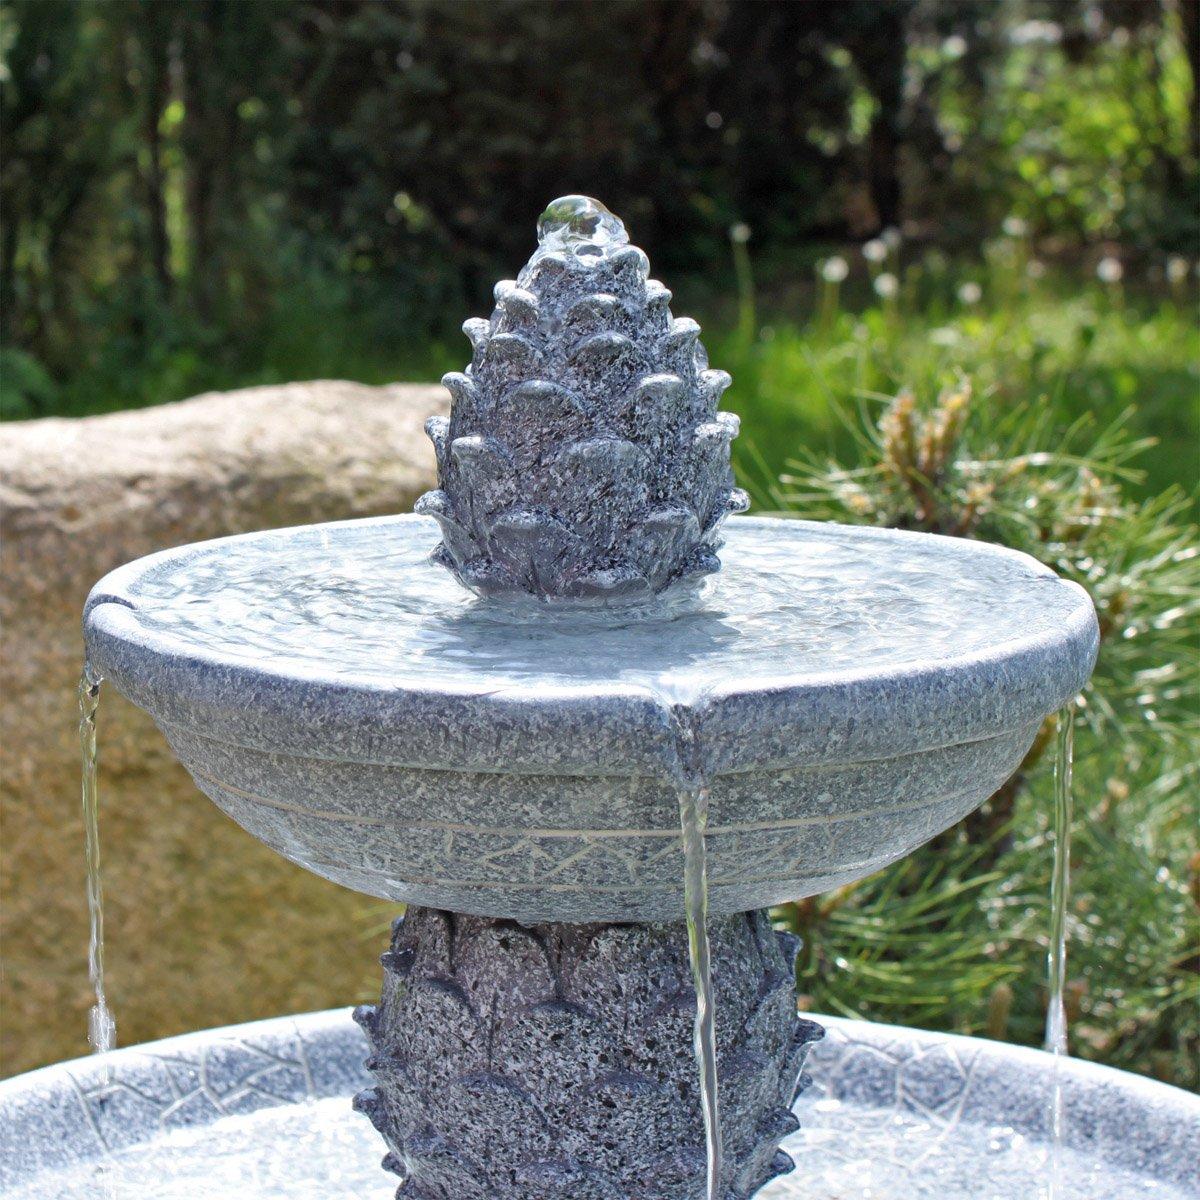 solar springbrunnen kaktus nsp6 standbrunnen fr balkon terrasse - Deko Solar Springbrunnen Mit Akku Set Led Balkon Terrasse Solarbrunnen Zierbrunnen Ebay